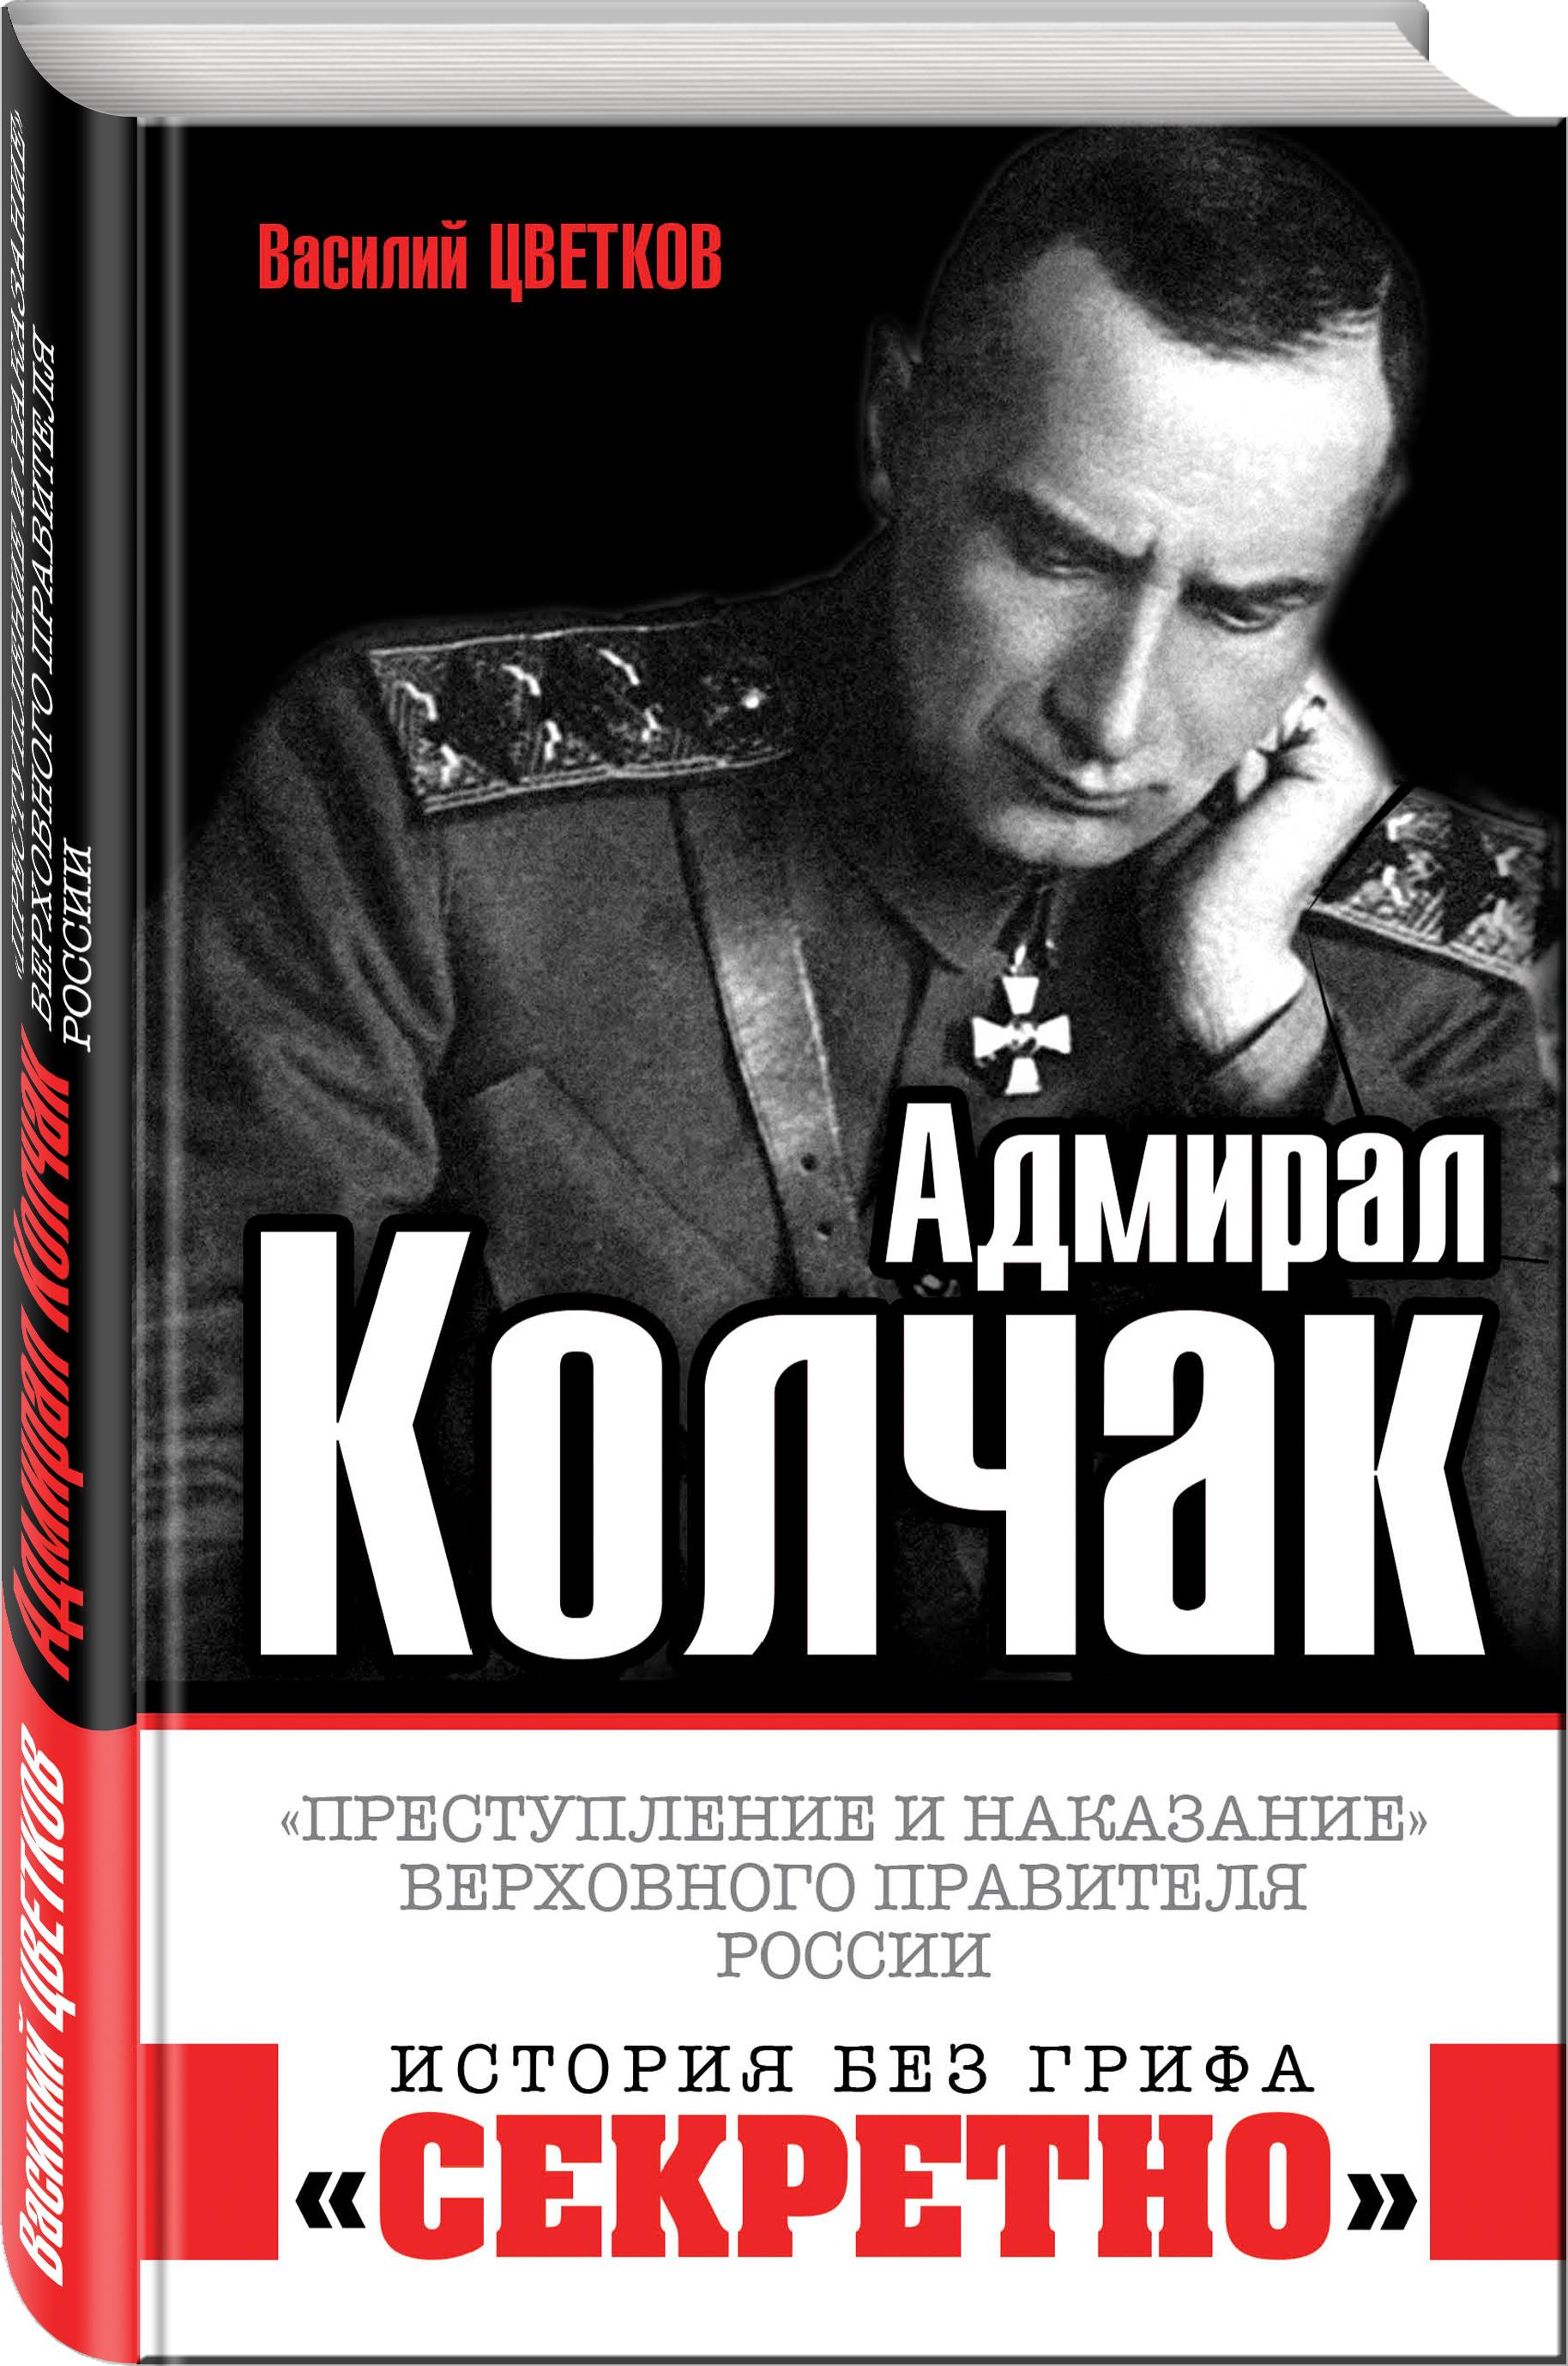 Адмирал Колчак. «Преступление и наказание» Верховного правителя России ( Василий Цветков  )